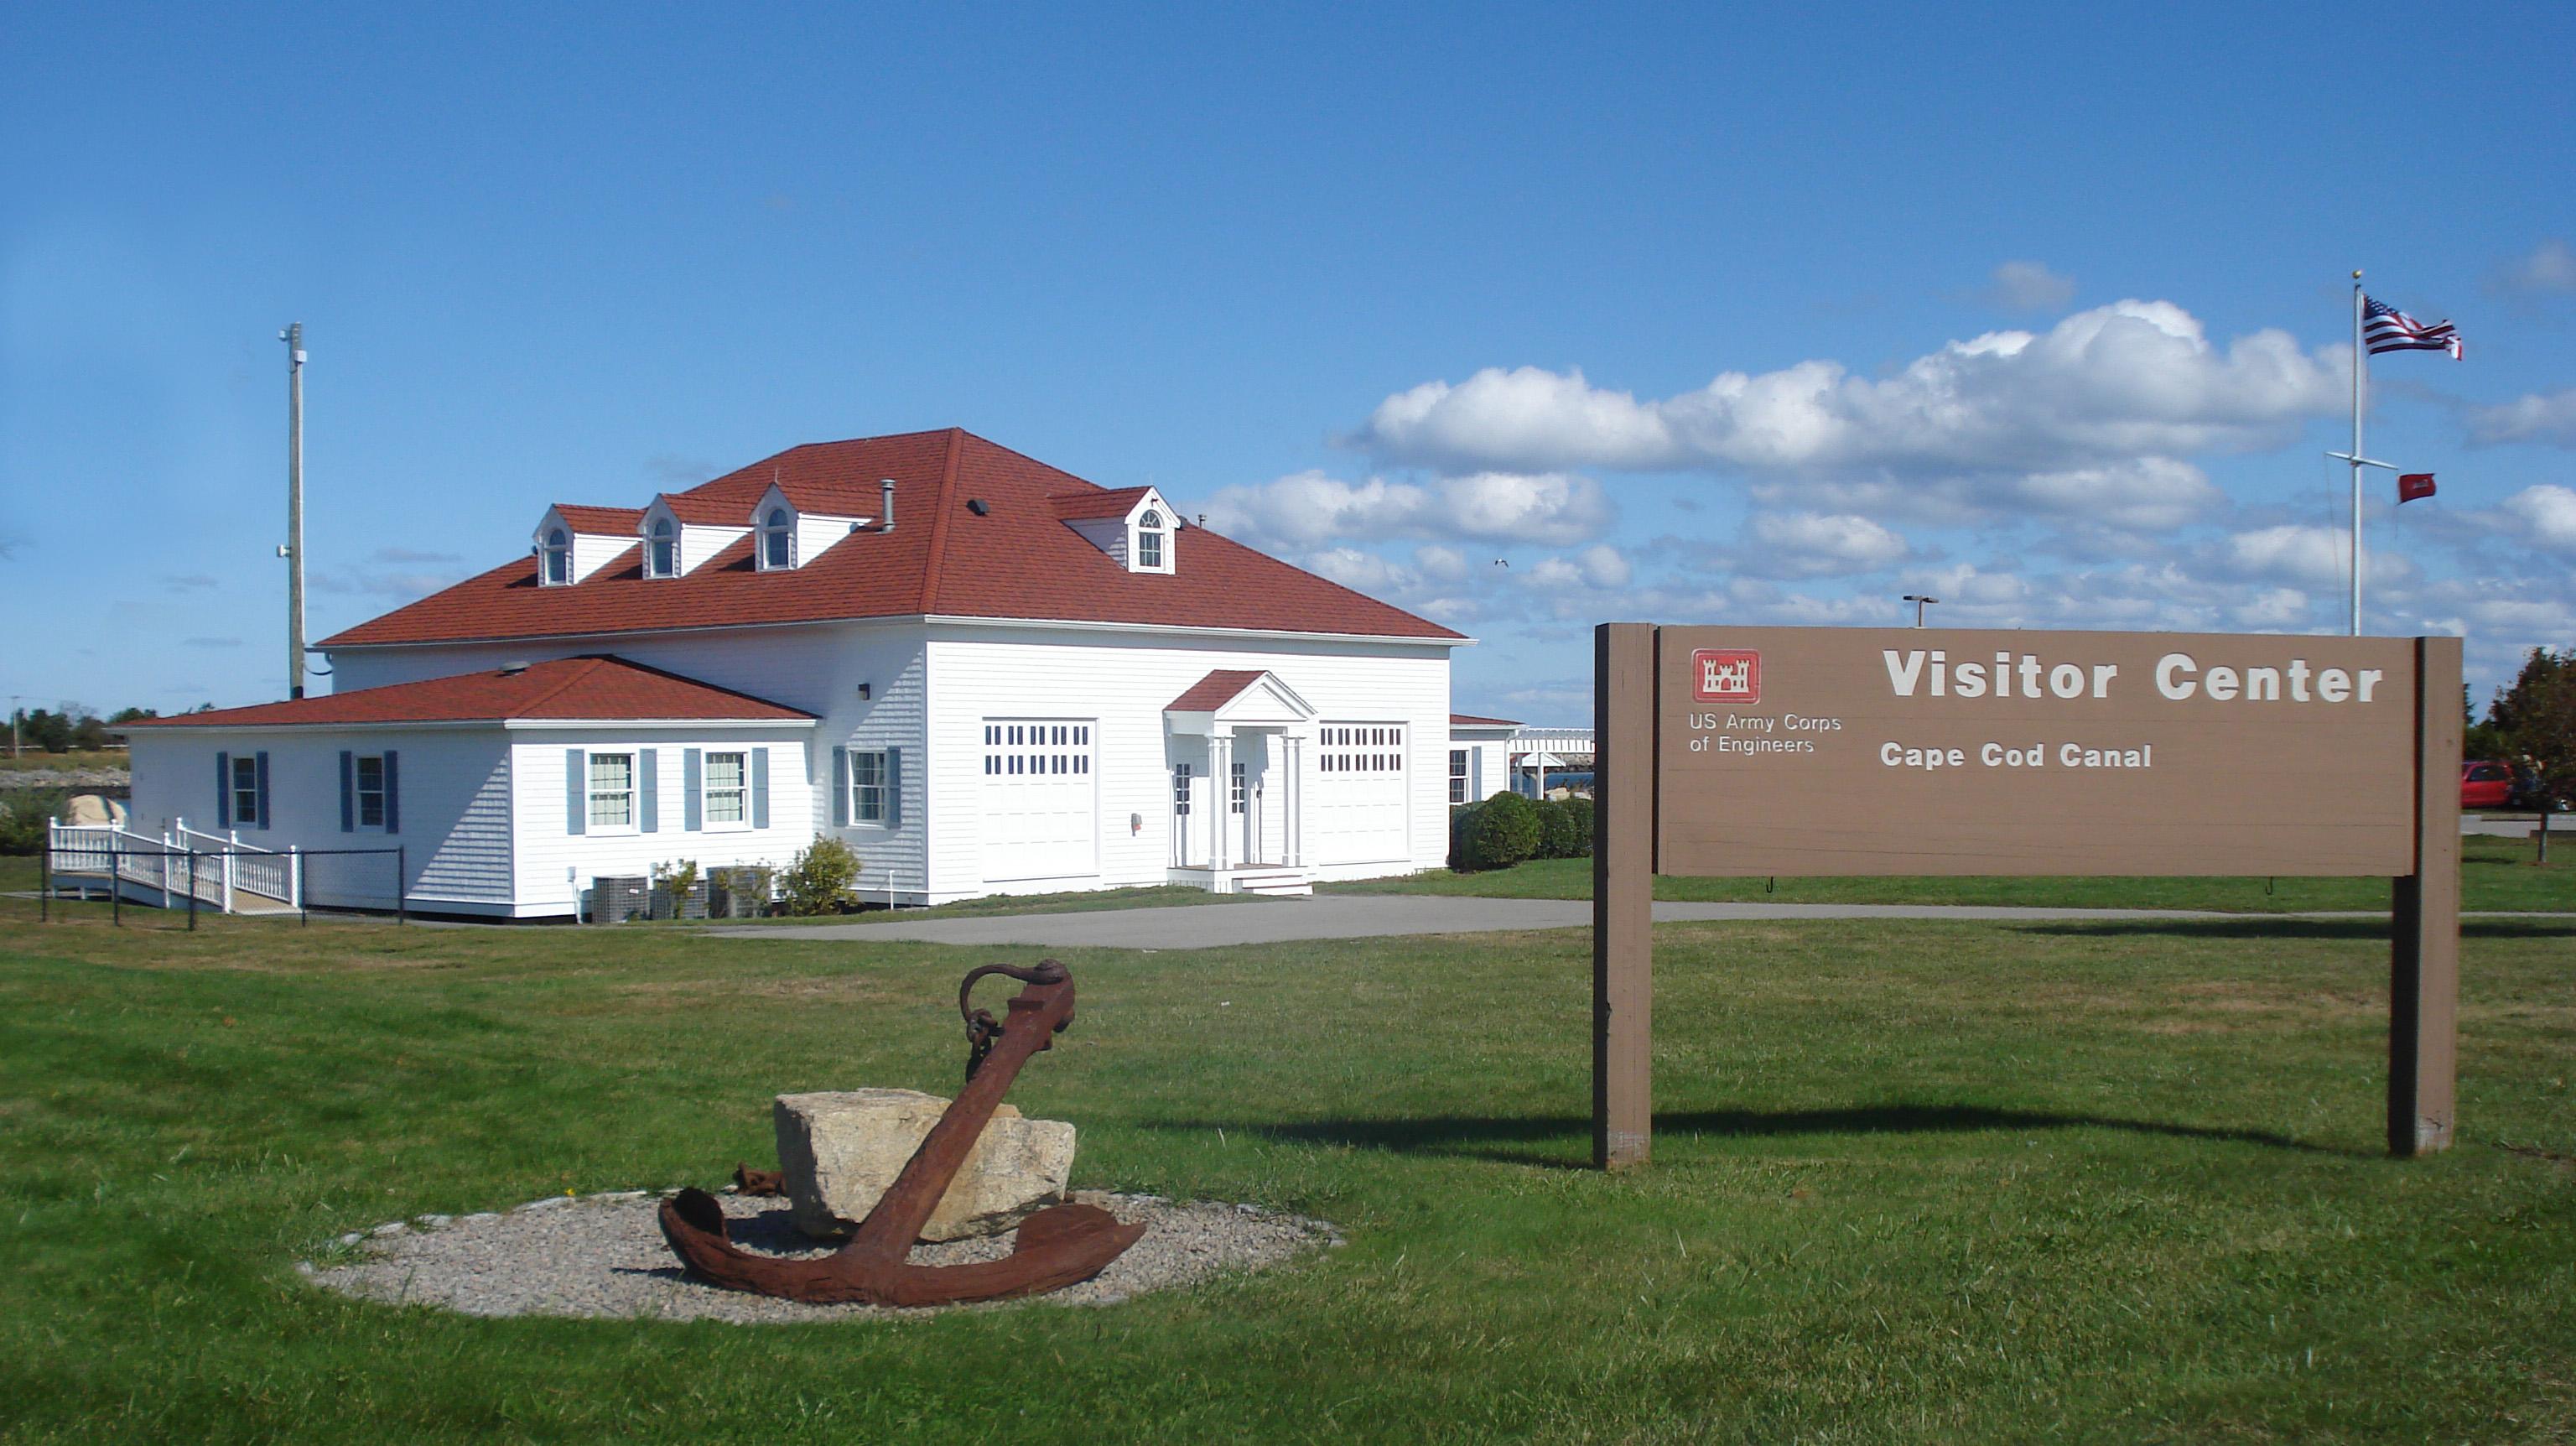 réputation fiable dernier check-out CAPE COD CANAL VISITOR CENTER - Cape Cod Museum Trail